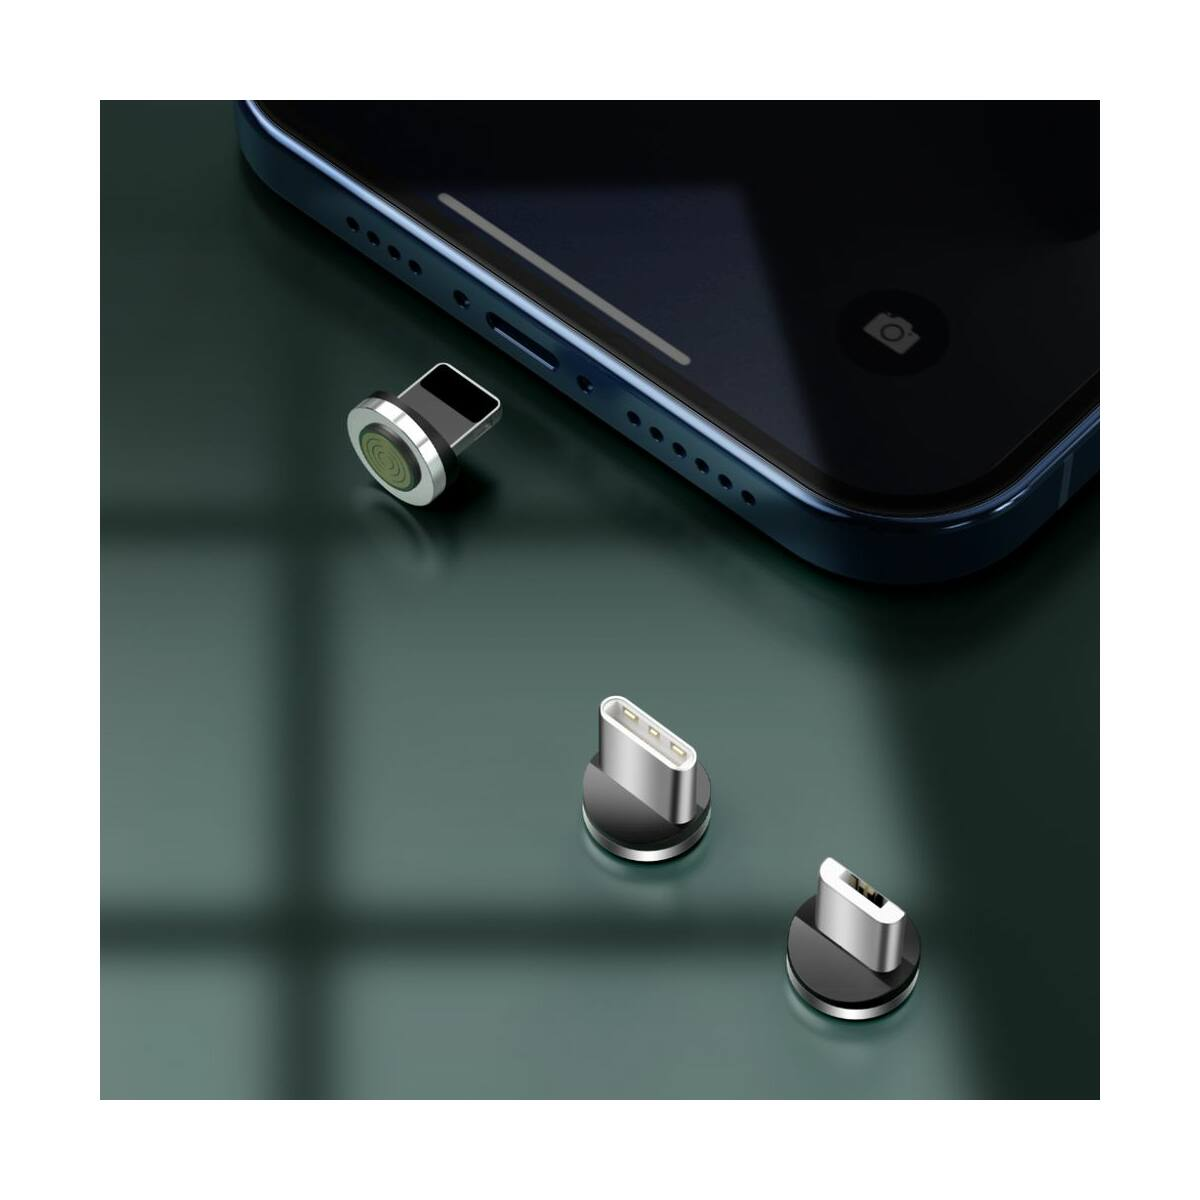 Baseus Univerzális kábel, Zinc mágneses USB véggel + töltőfej szett (Lightning/Type-C/Micro) 3A, 1m, fekete/szürke (CA1T3-AG1)